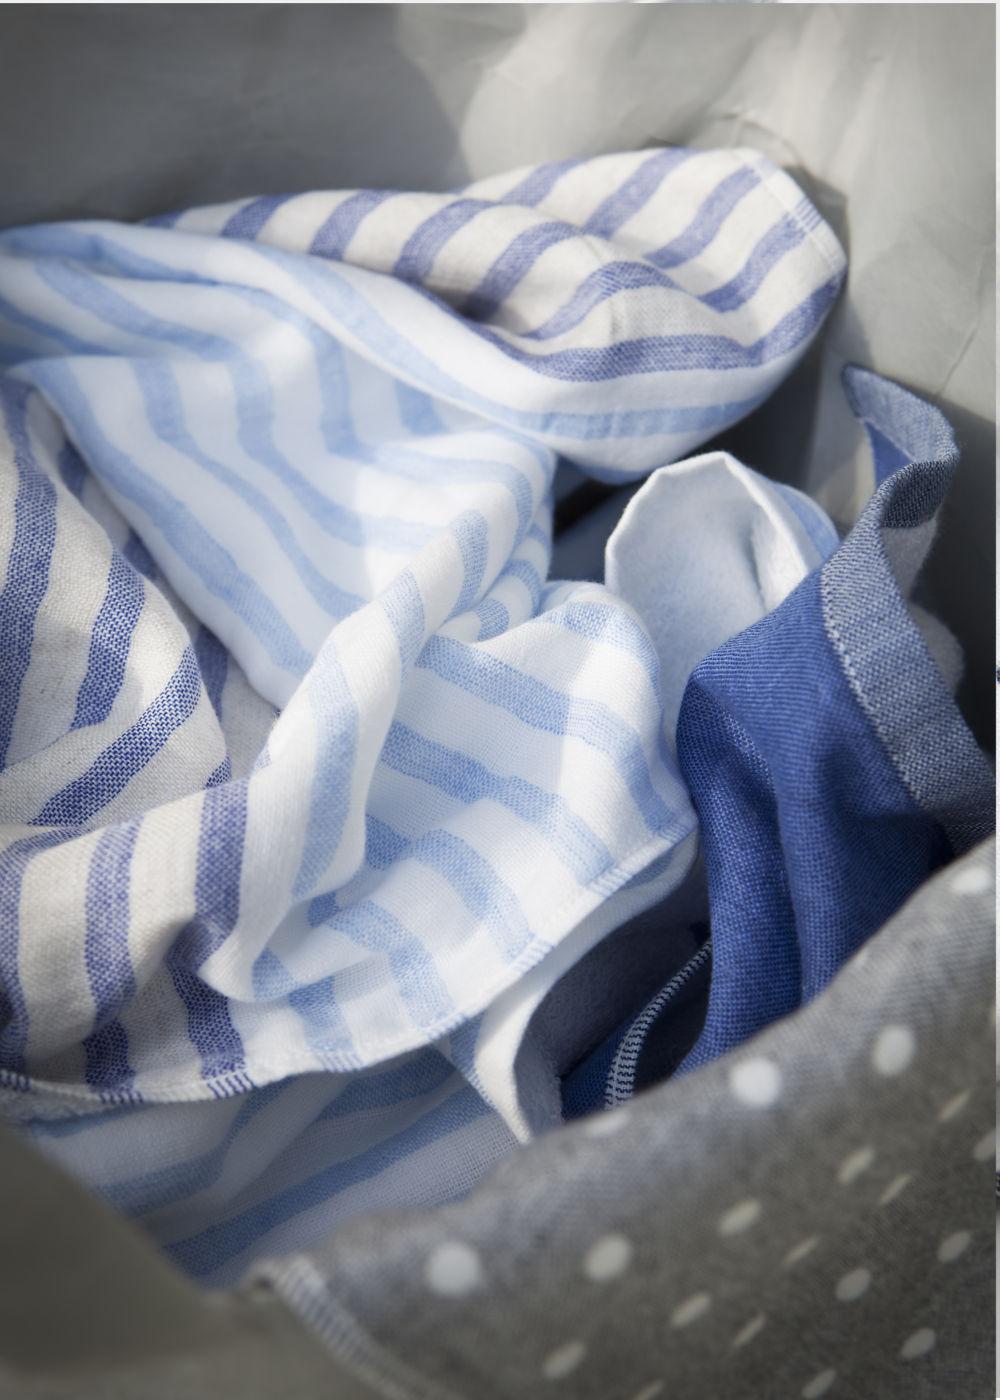 YoshiiTowel-BathTowel-image5